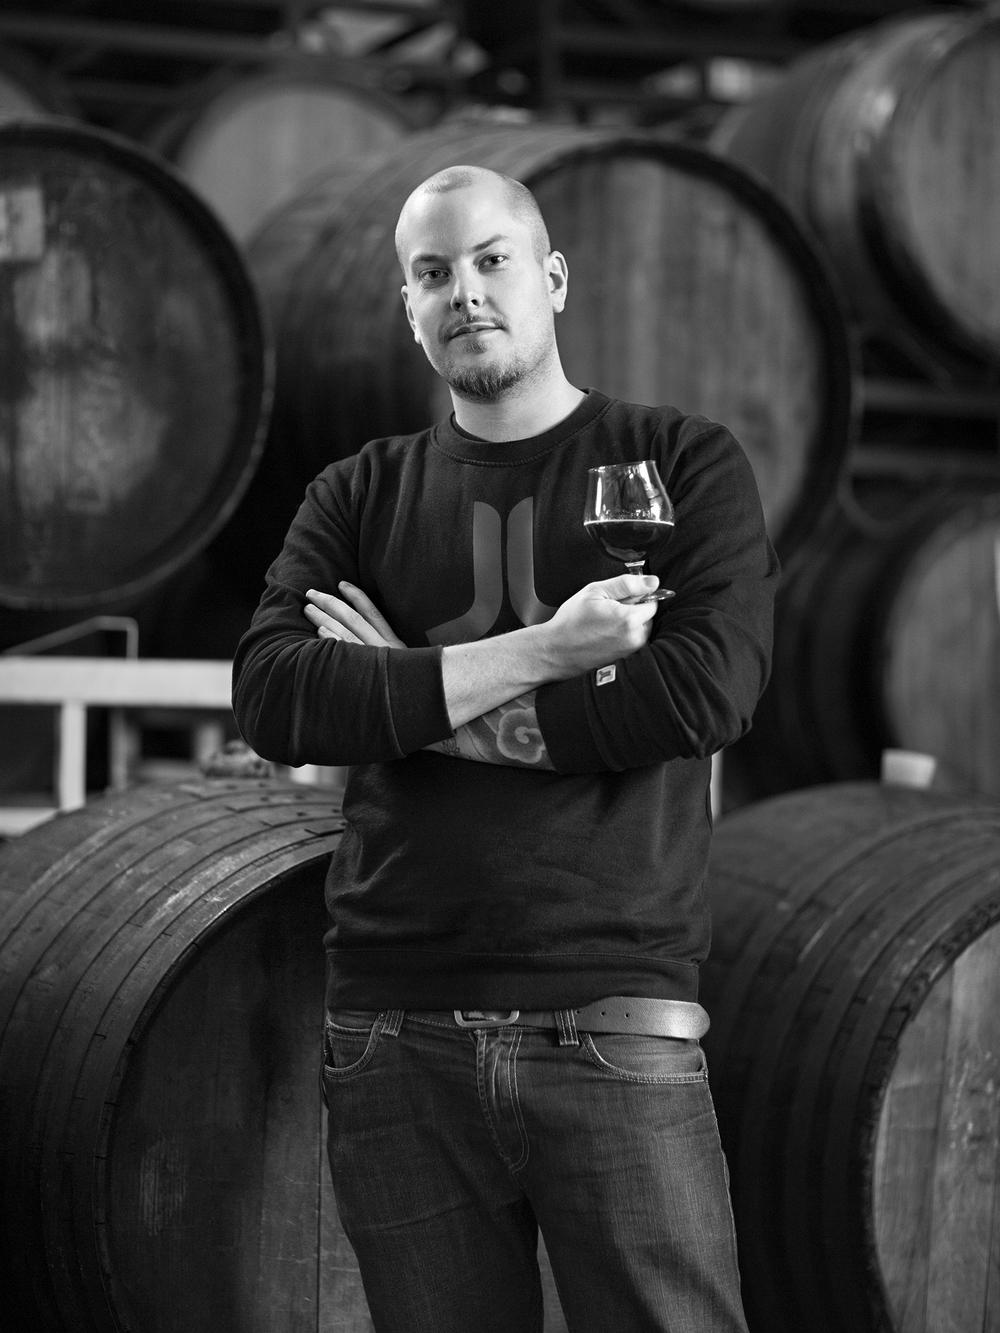 AMUND POLDEN ARNESEN Amund Polden Arnesen jobber hos øldistributøren Beer Enthusiast AS. Han er Norges første ølsommelier akkreditert fra The Institute of Brewing and Distilling i London. I løpet av året starter han opp nettbasert ølkelnerutdanning. Vil du vite mer, sjekk olkelner.no.